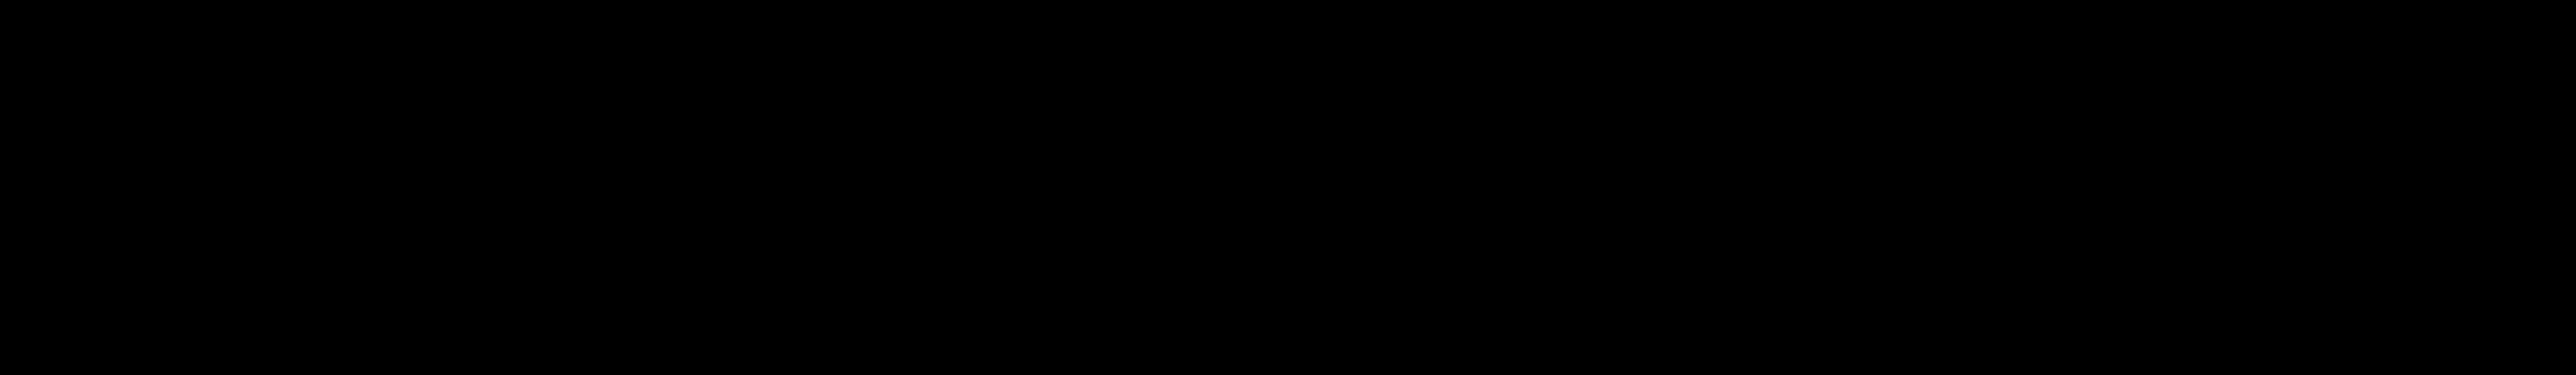 KAFe logo